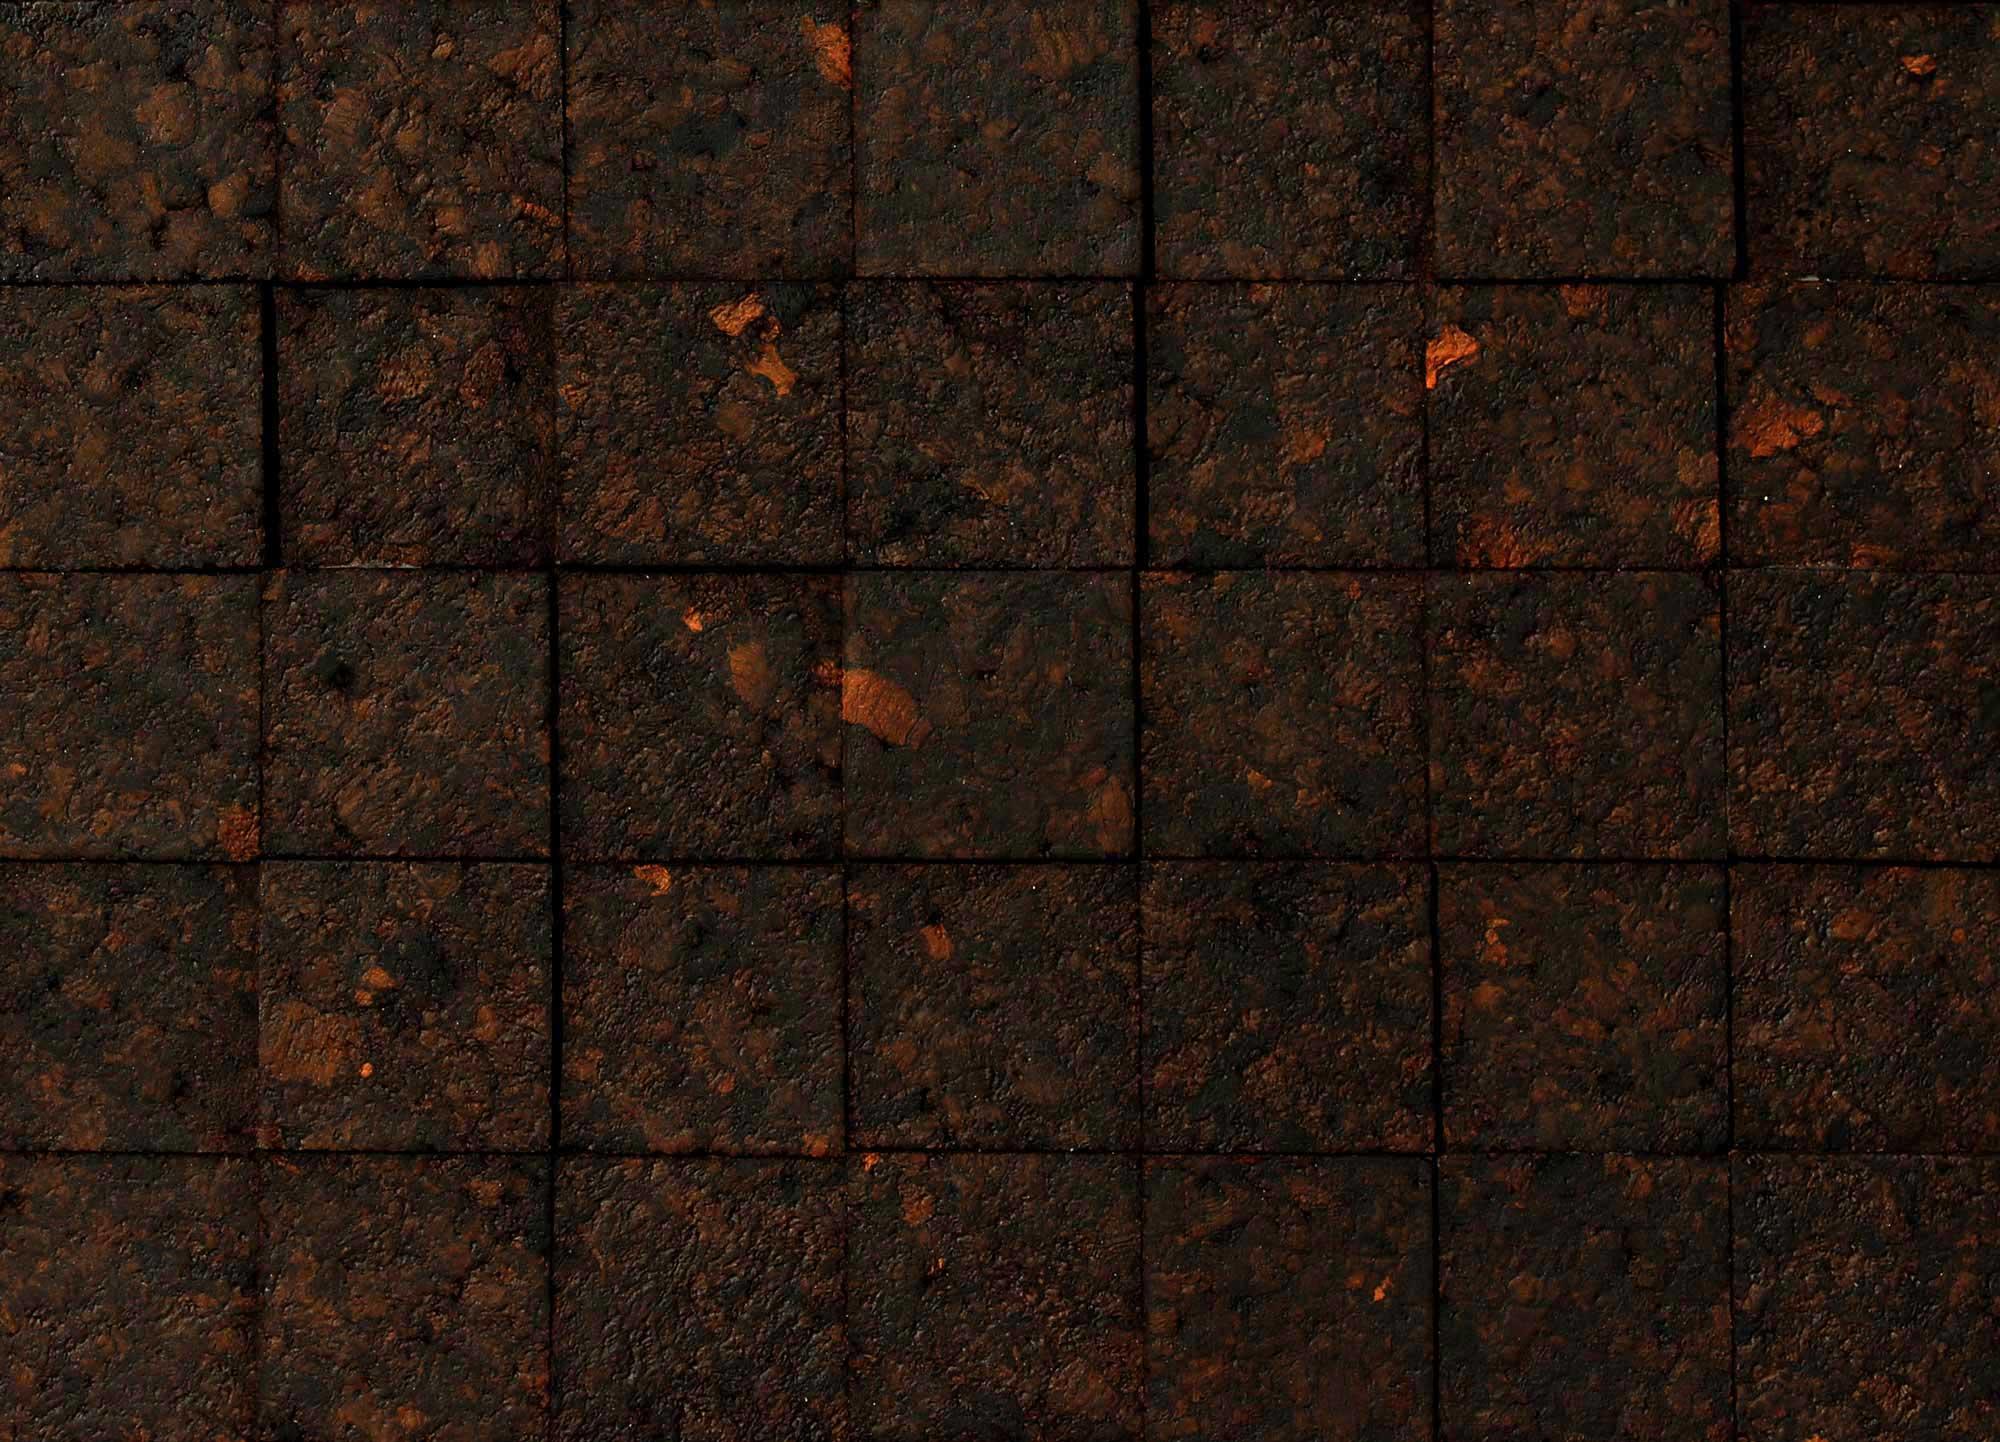 wandpaneele-kork-kork-gewachst-quader-schmiede